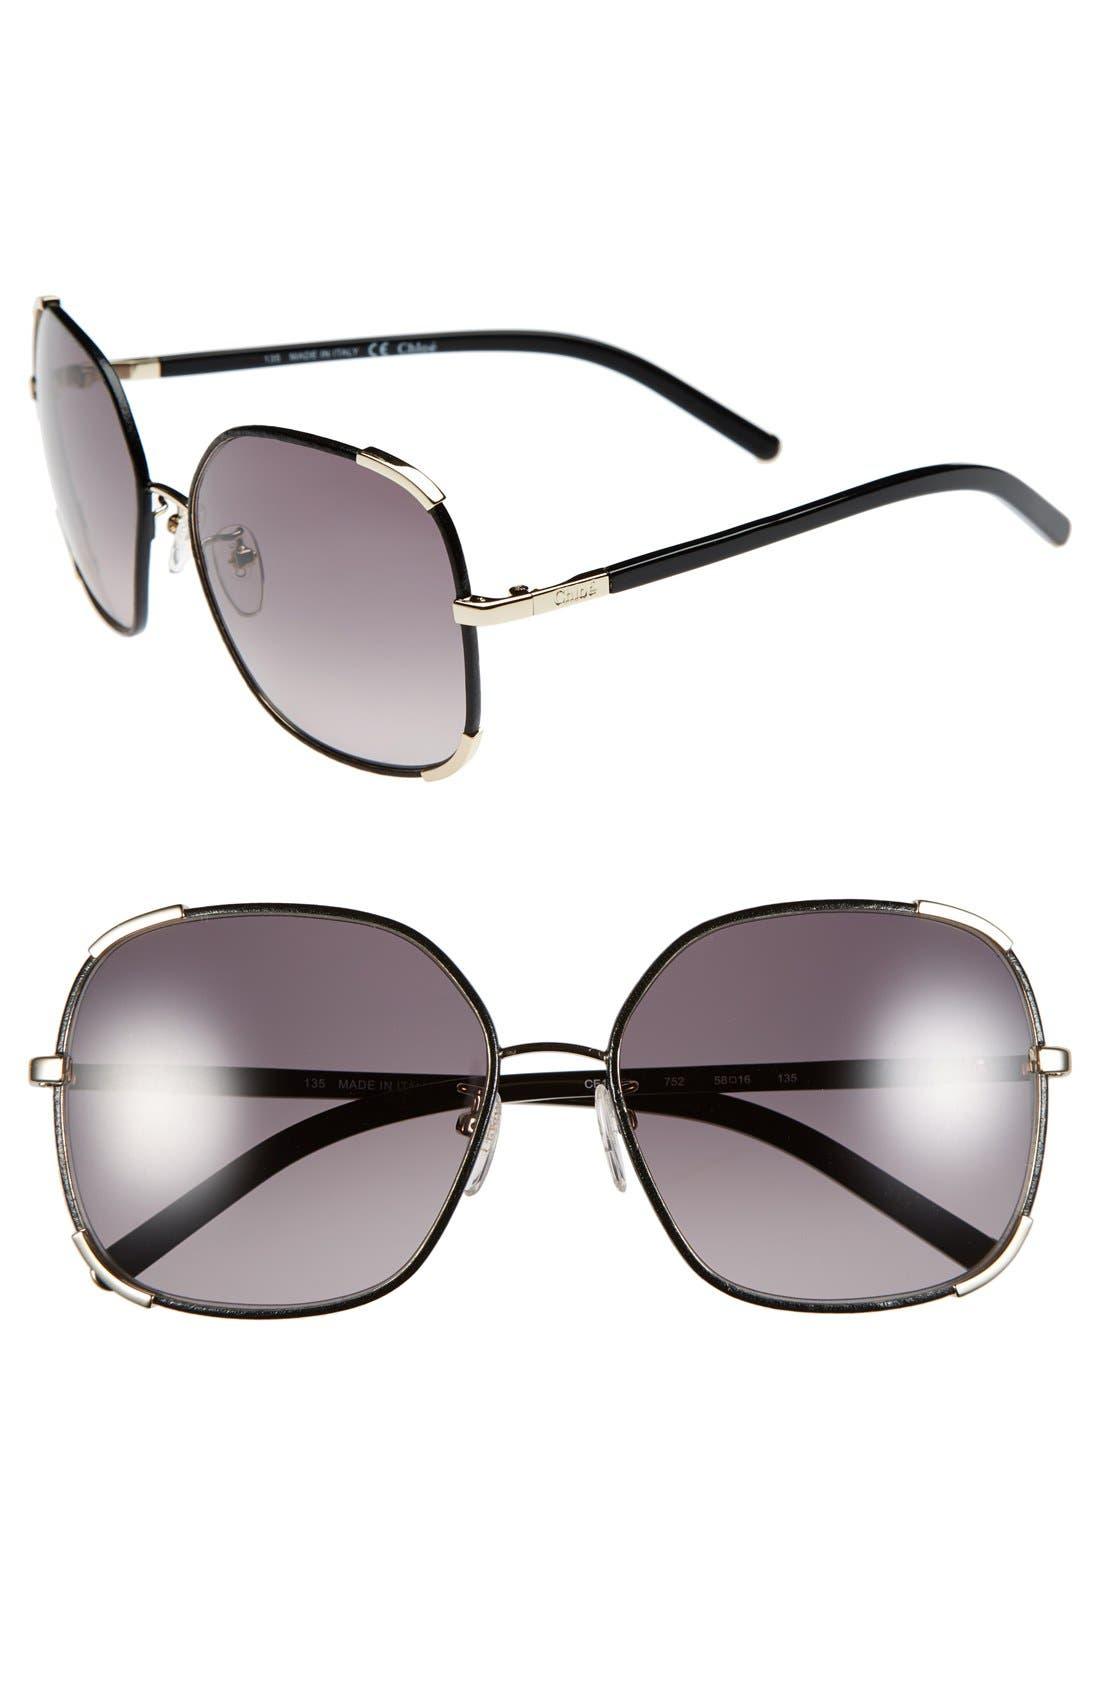 Main Image - Chloe 'Nerine' 58mm Sunglasses